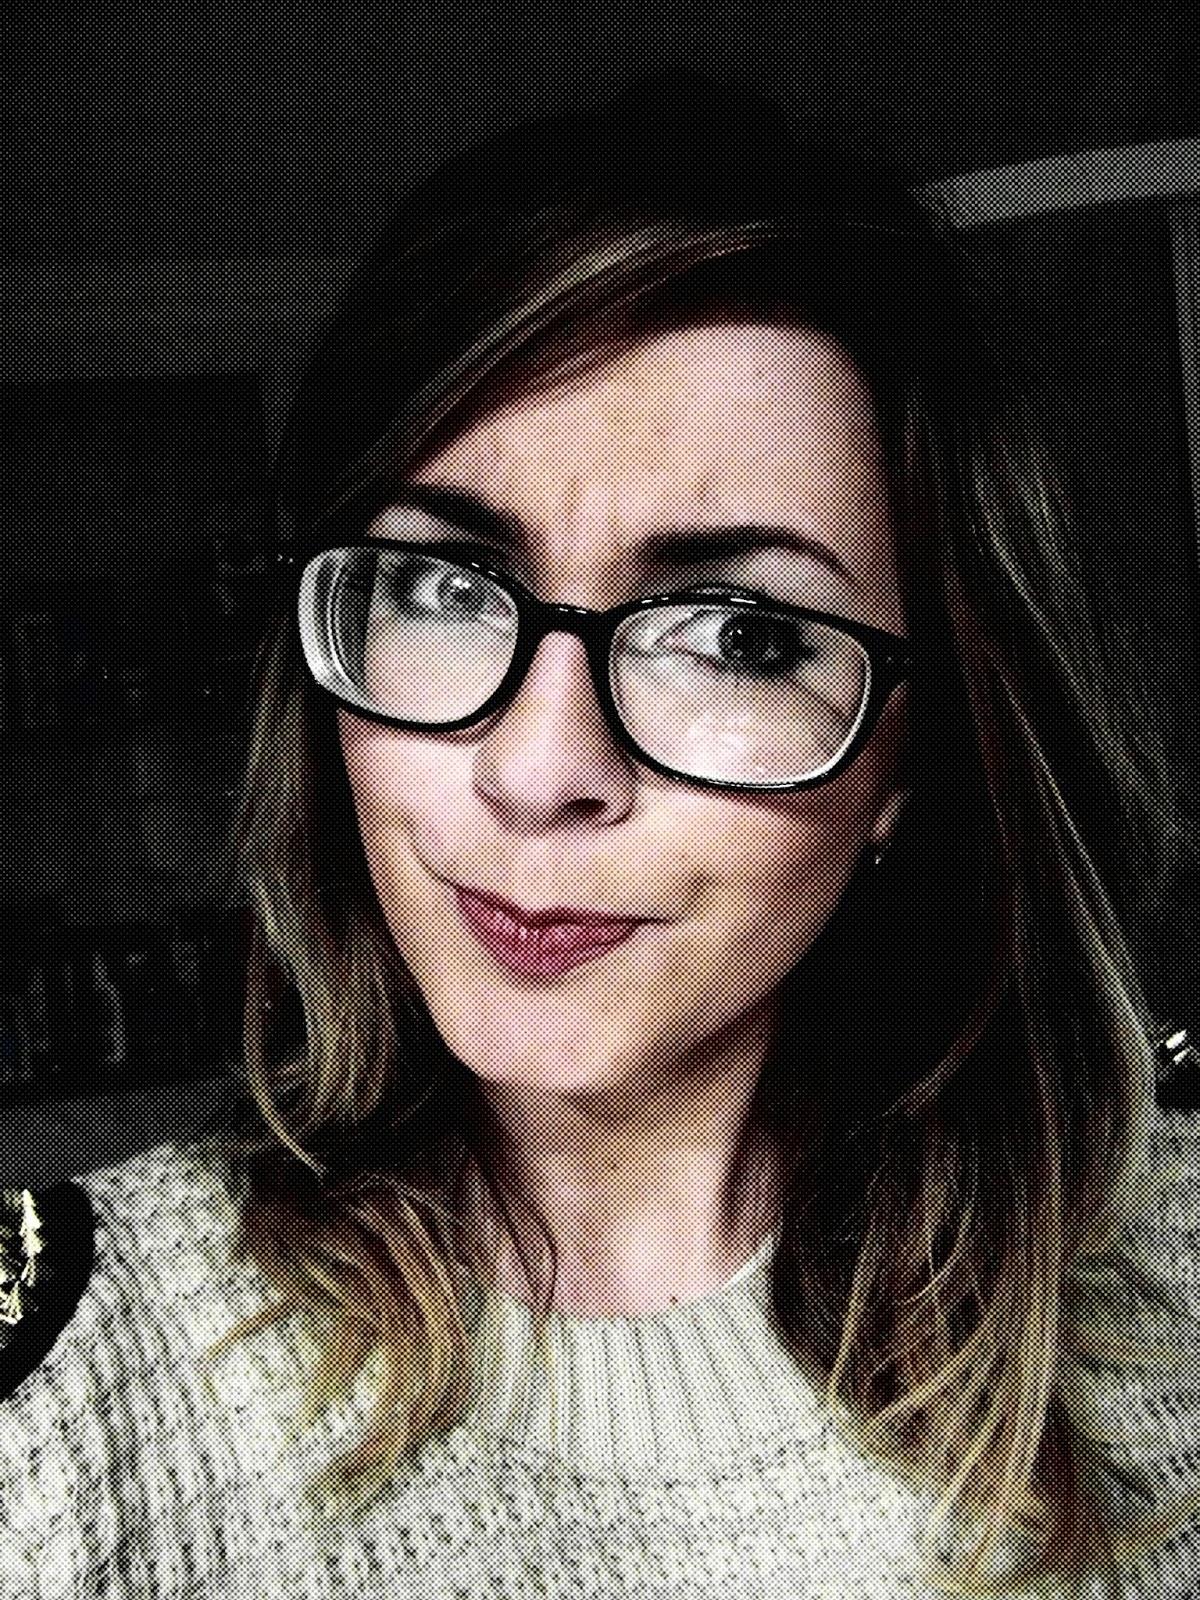 a2dbd63a3d enfin si vous n'aimez pas votre monture indiquez le tout de suite (lorsque  vous venez retirer vos lunettes) au vendeur qui normalement vous laissera  un ...